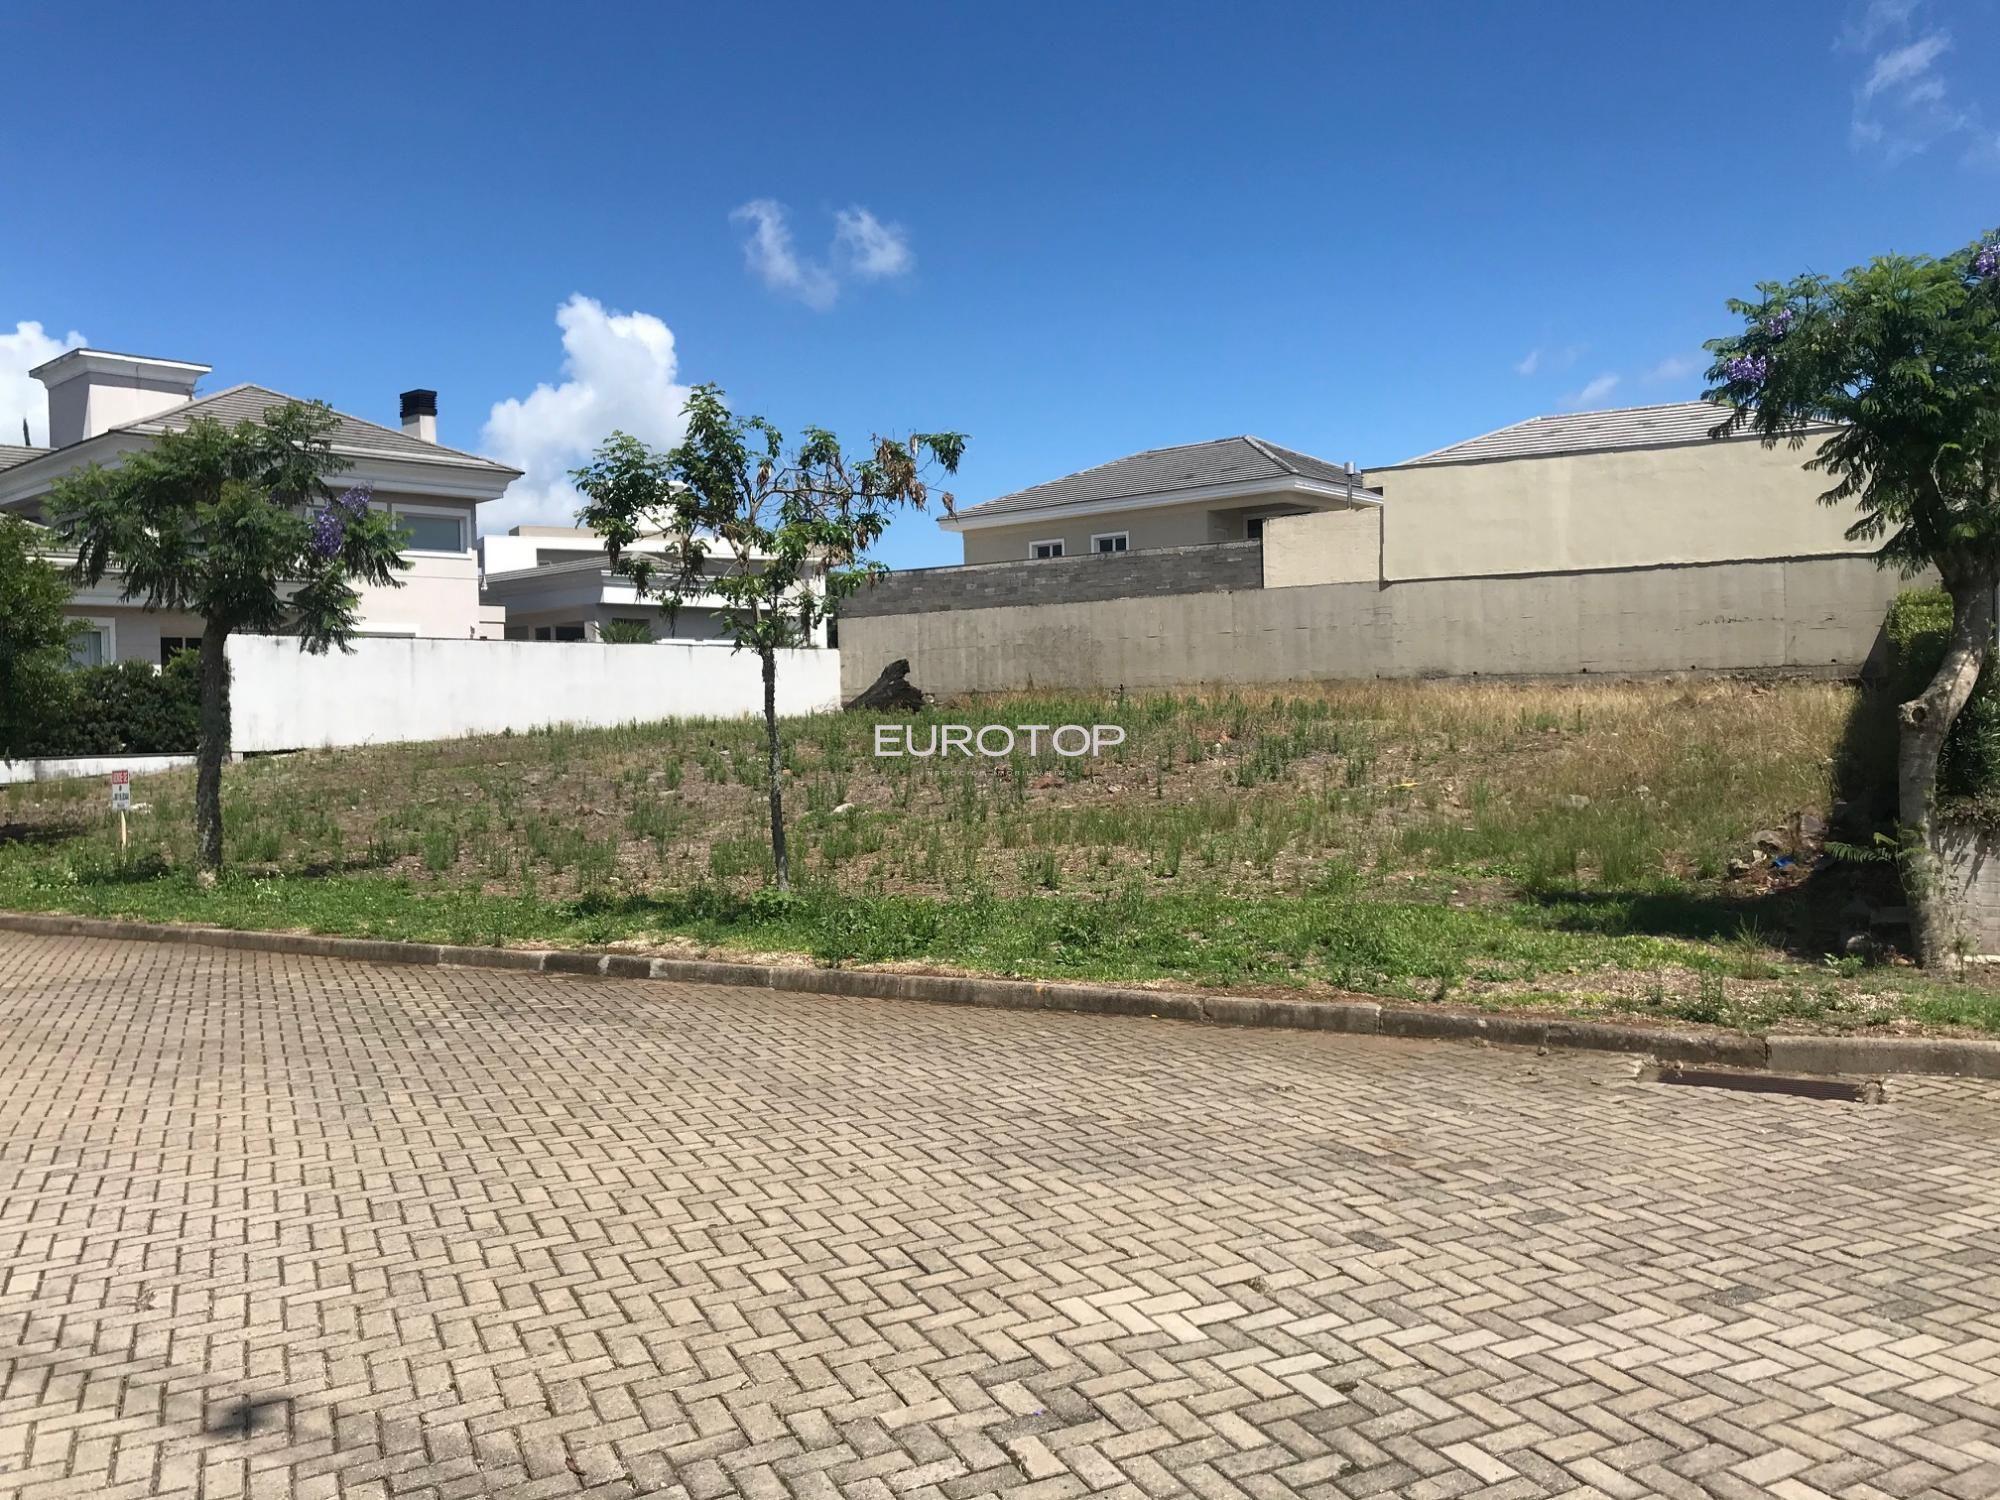 Terreno/Lote à venda  no Jardim Glória - Bento Gonçalves, RS. Imóveis